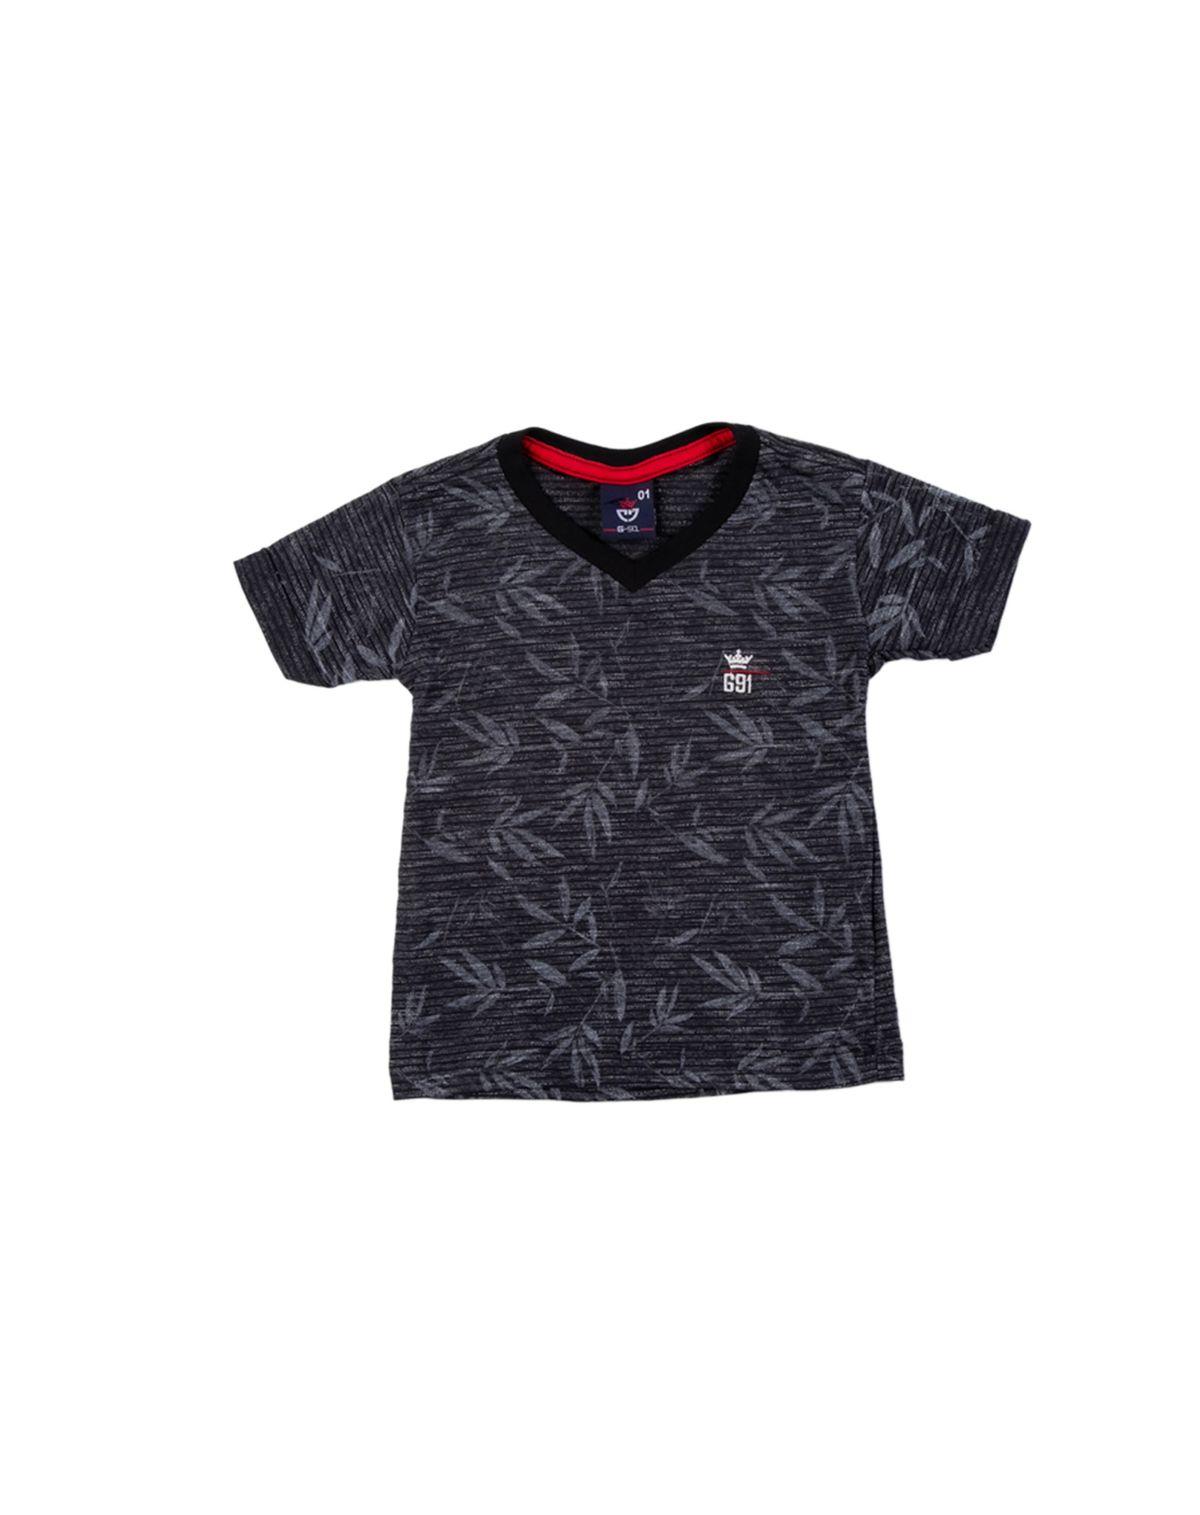 559461002-camiseta-bebe-menino-estampa-folhagem-preto-2-e53